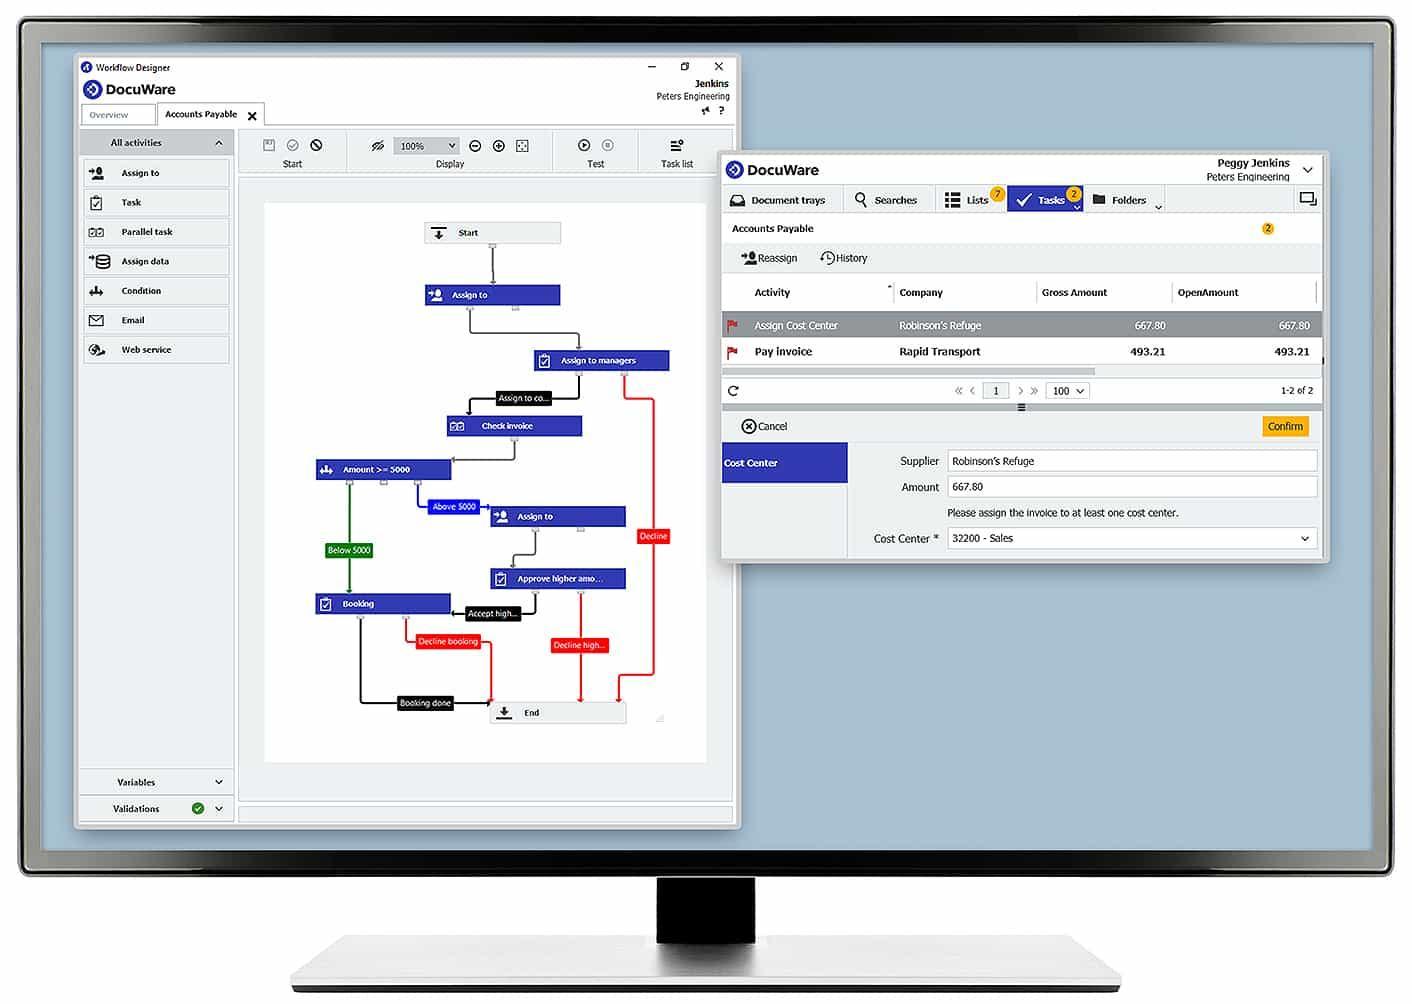 DocuWare-docuware workflow